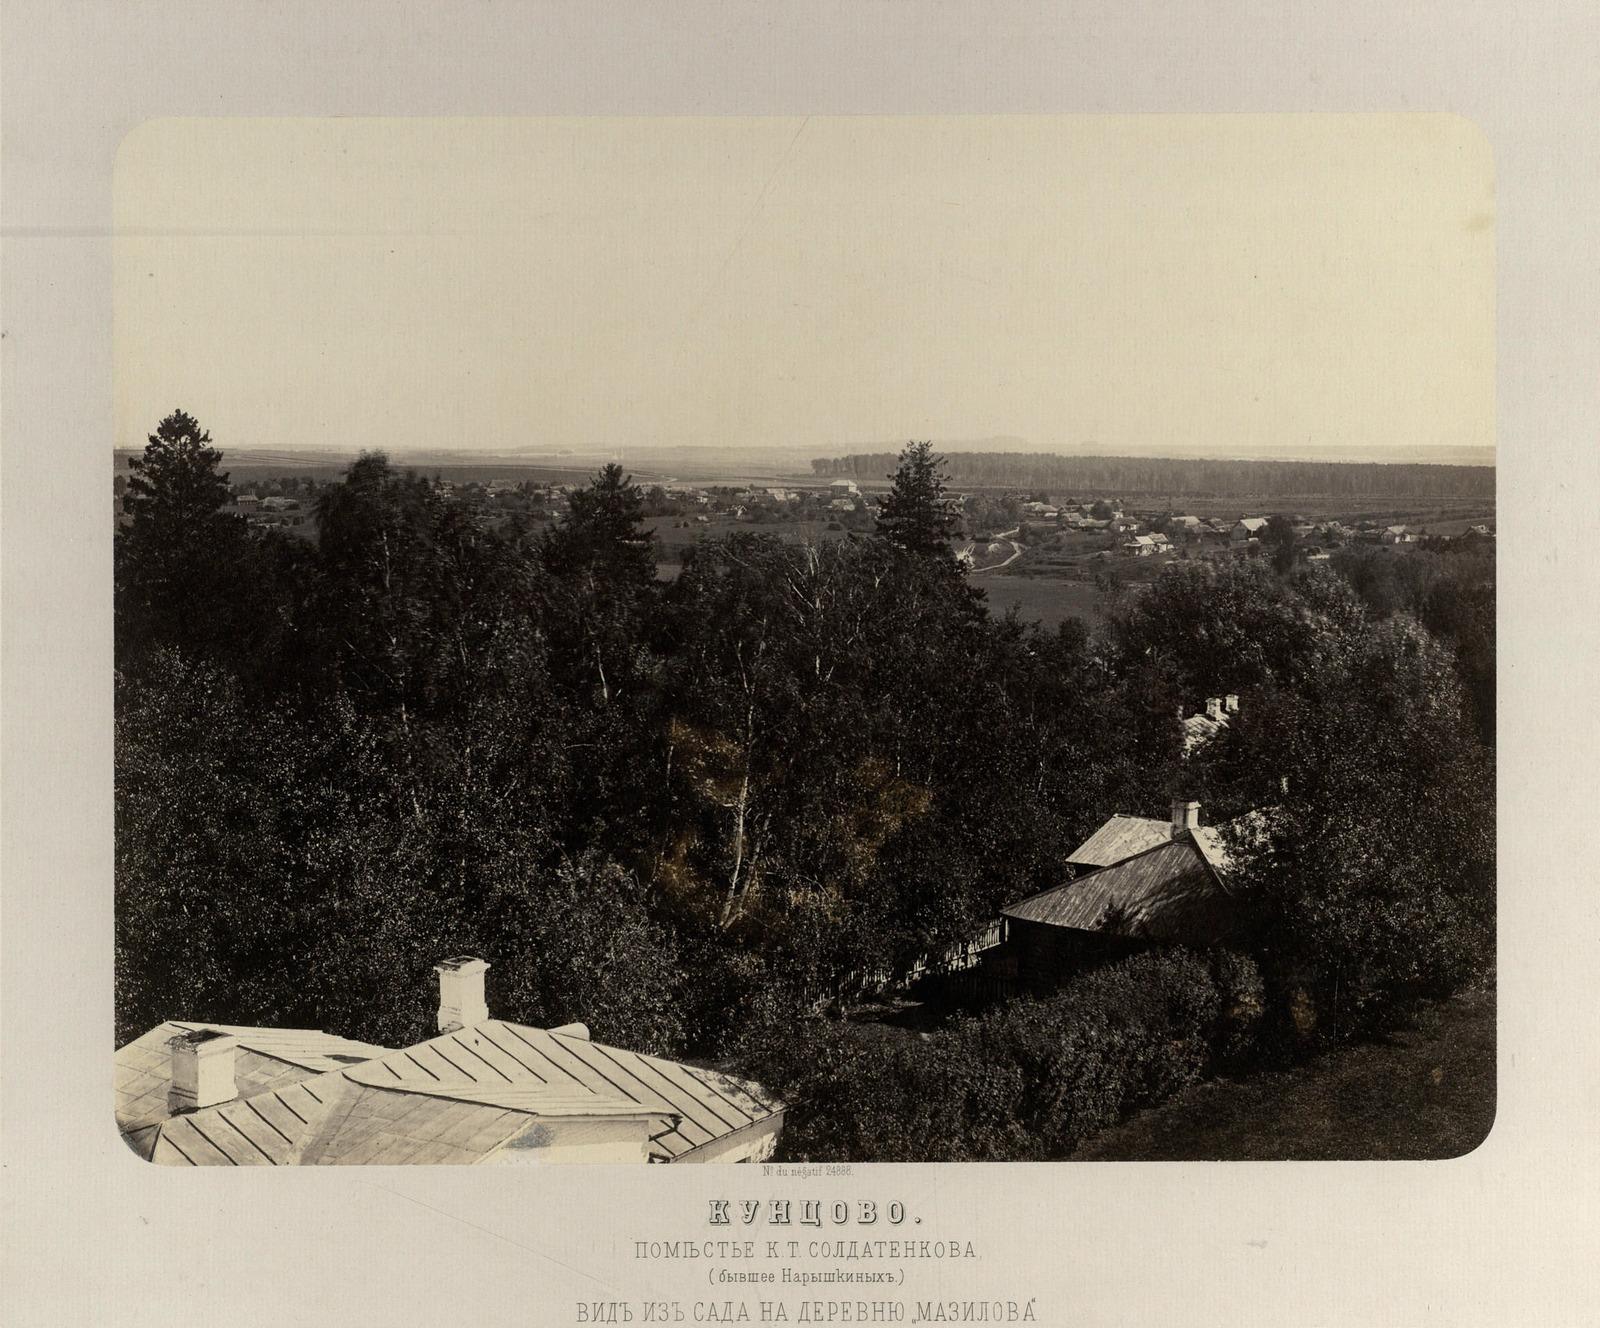 07. Вид на деревню Мазилово от усадьбы Кунцево